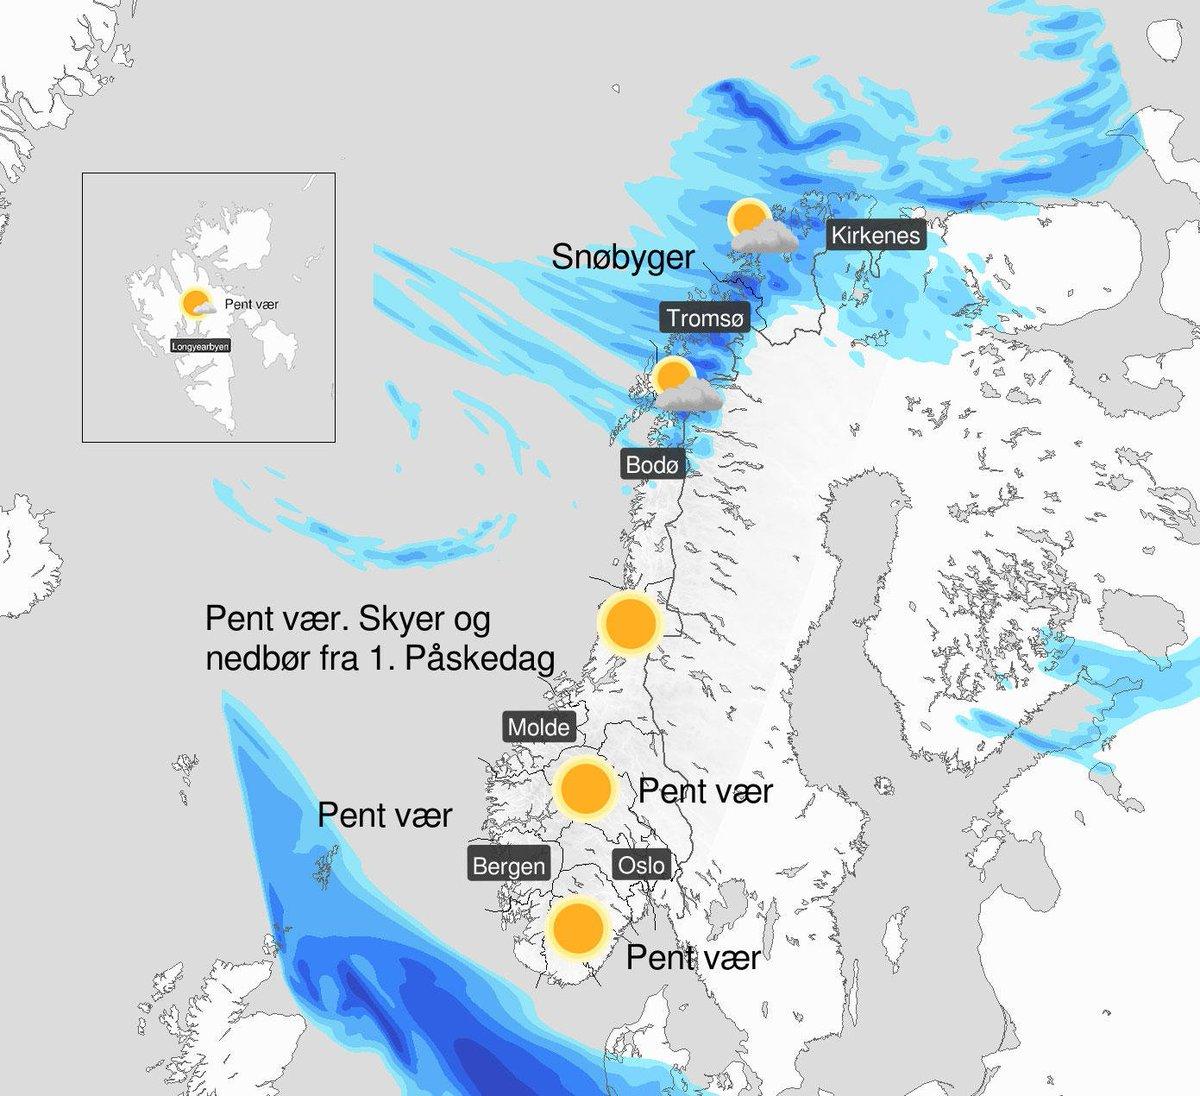 Meteorologene On Twitter Paskevaeret Kort Oppsummert Det Blir